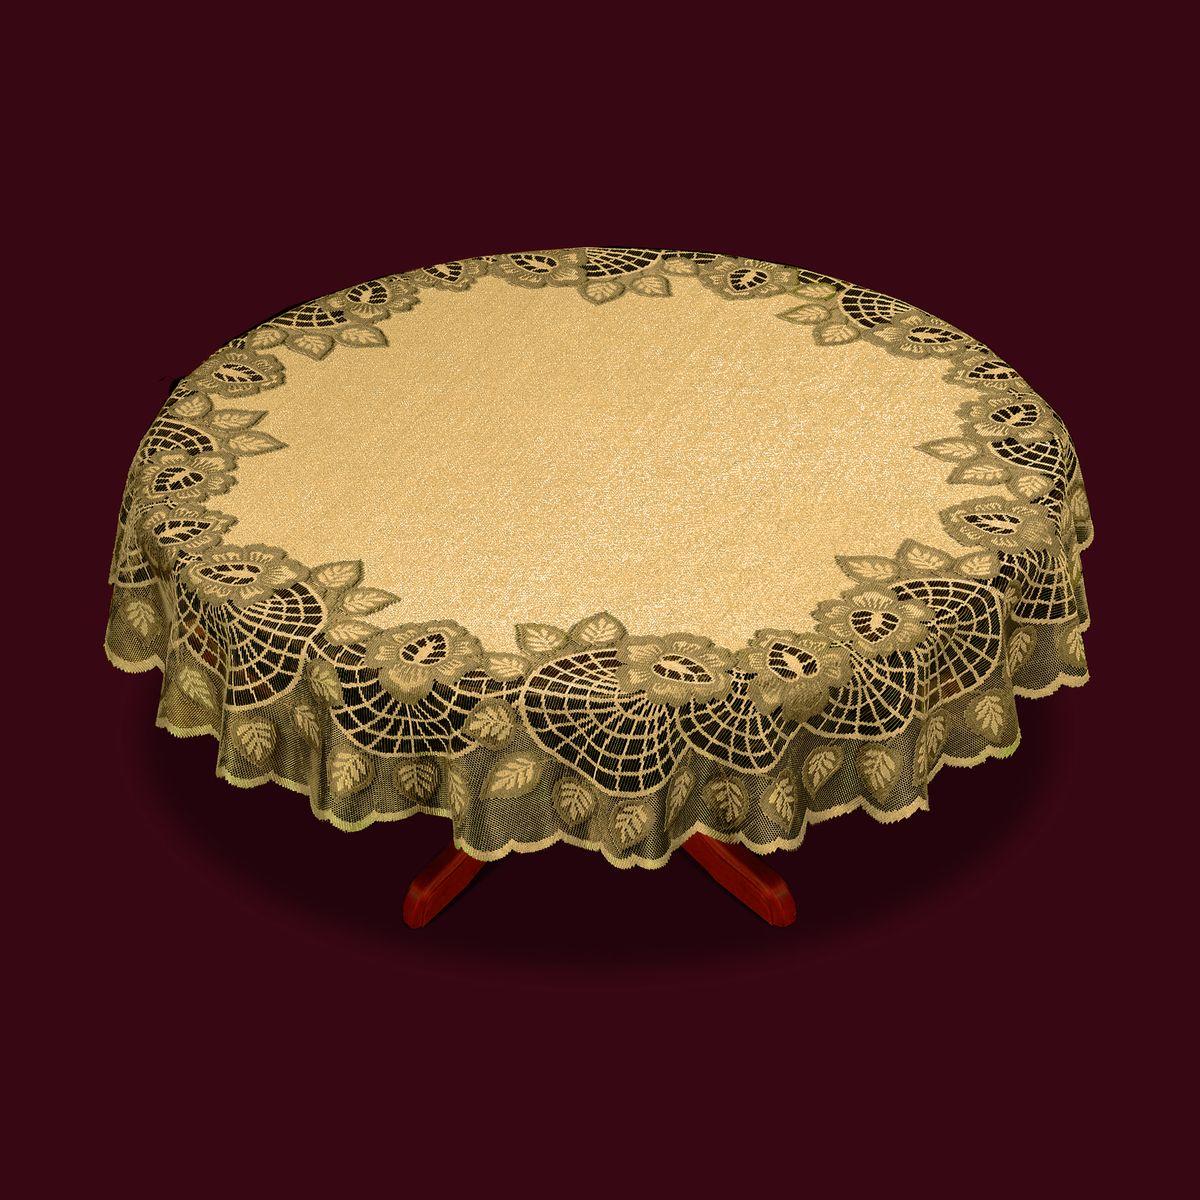 Скатерть Haft, цвет: кофейный, коричневый, диаметр 150 см38703-150Великолепная круглая скатерть Haft, выполненная из полиэстера, органично впишется в интерьер любого помещения, а оригинальный дизайн удовлетворит даже самый изысканный вкус. Скатерть изготовлена из сетчатого материала с ажурным цветочным рисунком. Скатерть Haft создаст праздничное настроение и станет прекрасным дополнением интерьера гостиной, кухни или столовой.Диаметр скатерти: 150 см.